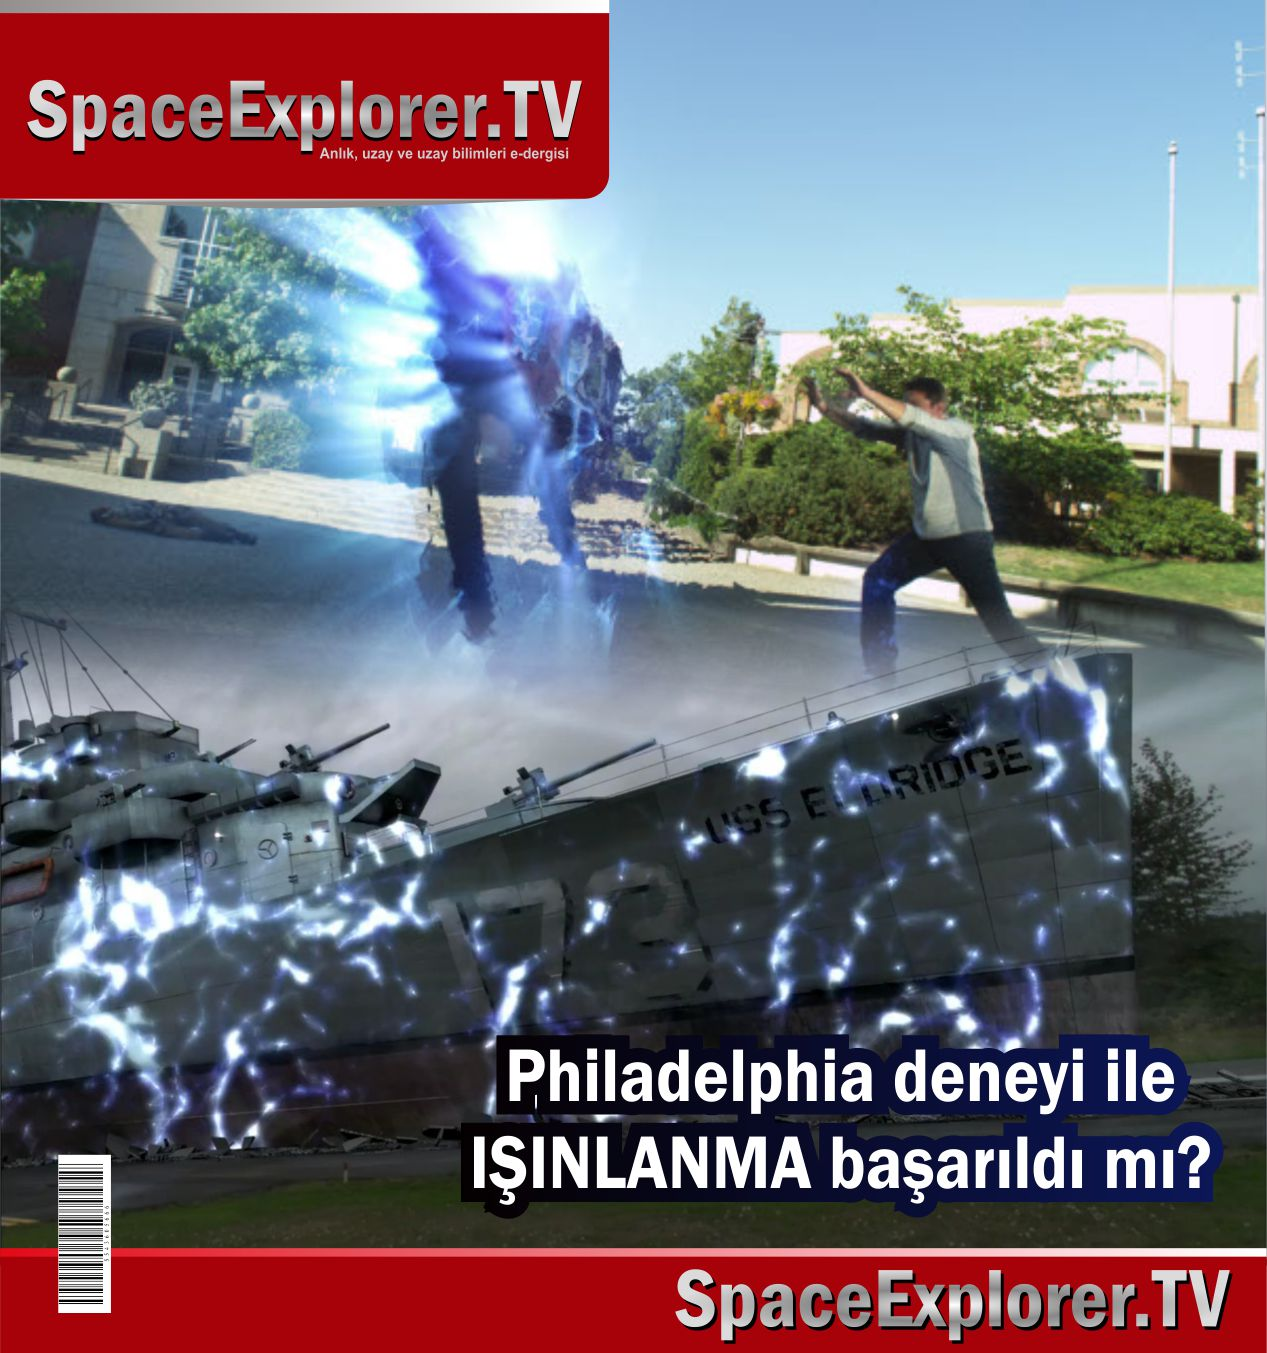 USS Eldridge, Carl M. Allen, Carlos Miguel Allende, Philadelphia deneyi, Işık hızı, Işıktan hızlı yolculuk, Işınlanma, Galaksiler arası yolculuk, ABD, Görünmezlik, Elektonik kamuflaj, UFO,